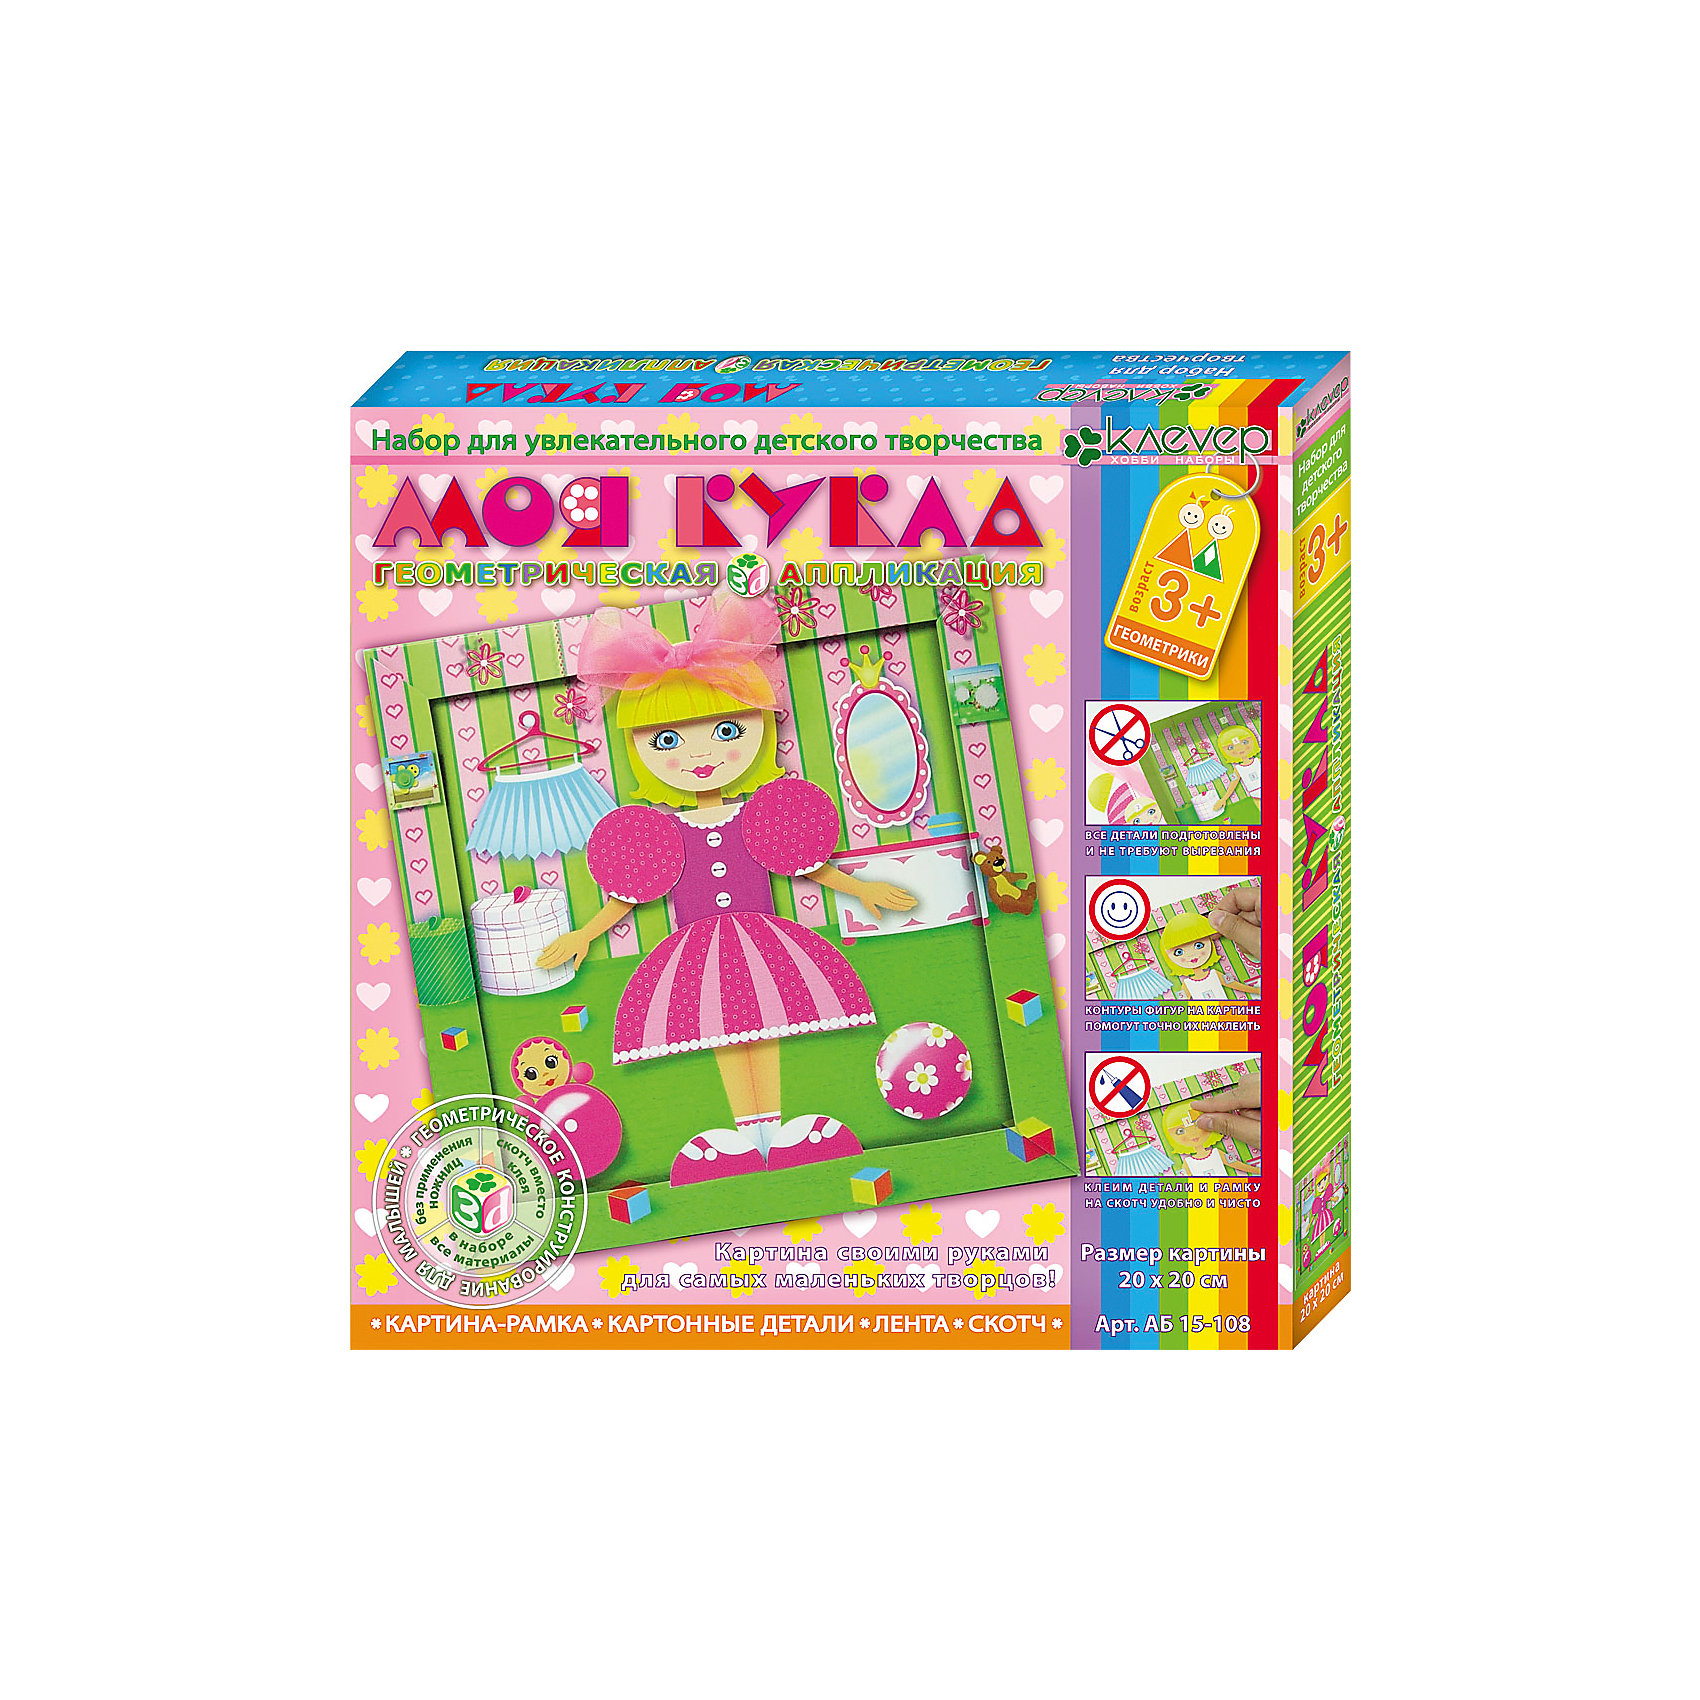 Набор для творчества Моя куклаРукоделие<br>комплект геометрических фигур из цветного картона, тонкого двустороннего скотча, капроновая лента, объёмный двусторонний скотч, картонная рамка с подставкой, пошаговая инструкция с фотографиями<br><br>Ширина мм: 210<br>Глубина мм: 210<br>Высота мм: 250<br>Вес г: 52<br>Возраст от месяцев: 36<br>Возраст до месяцев: 60<br>Пол: Женский<br>Возраст: Детский<br>SKU: 5541454